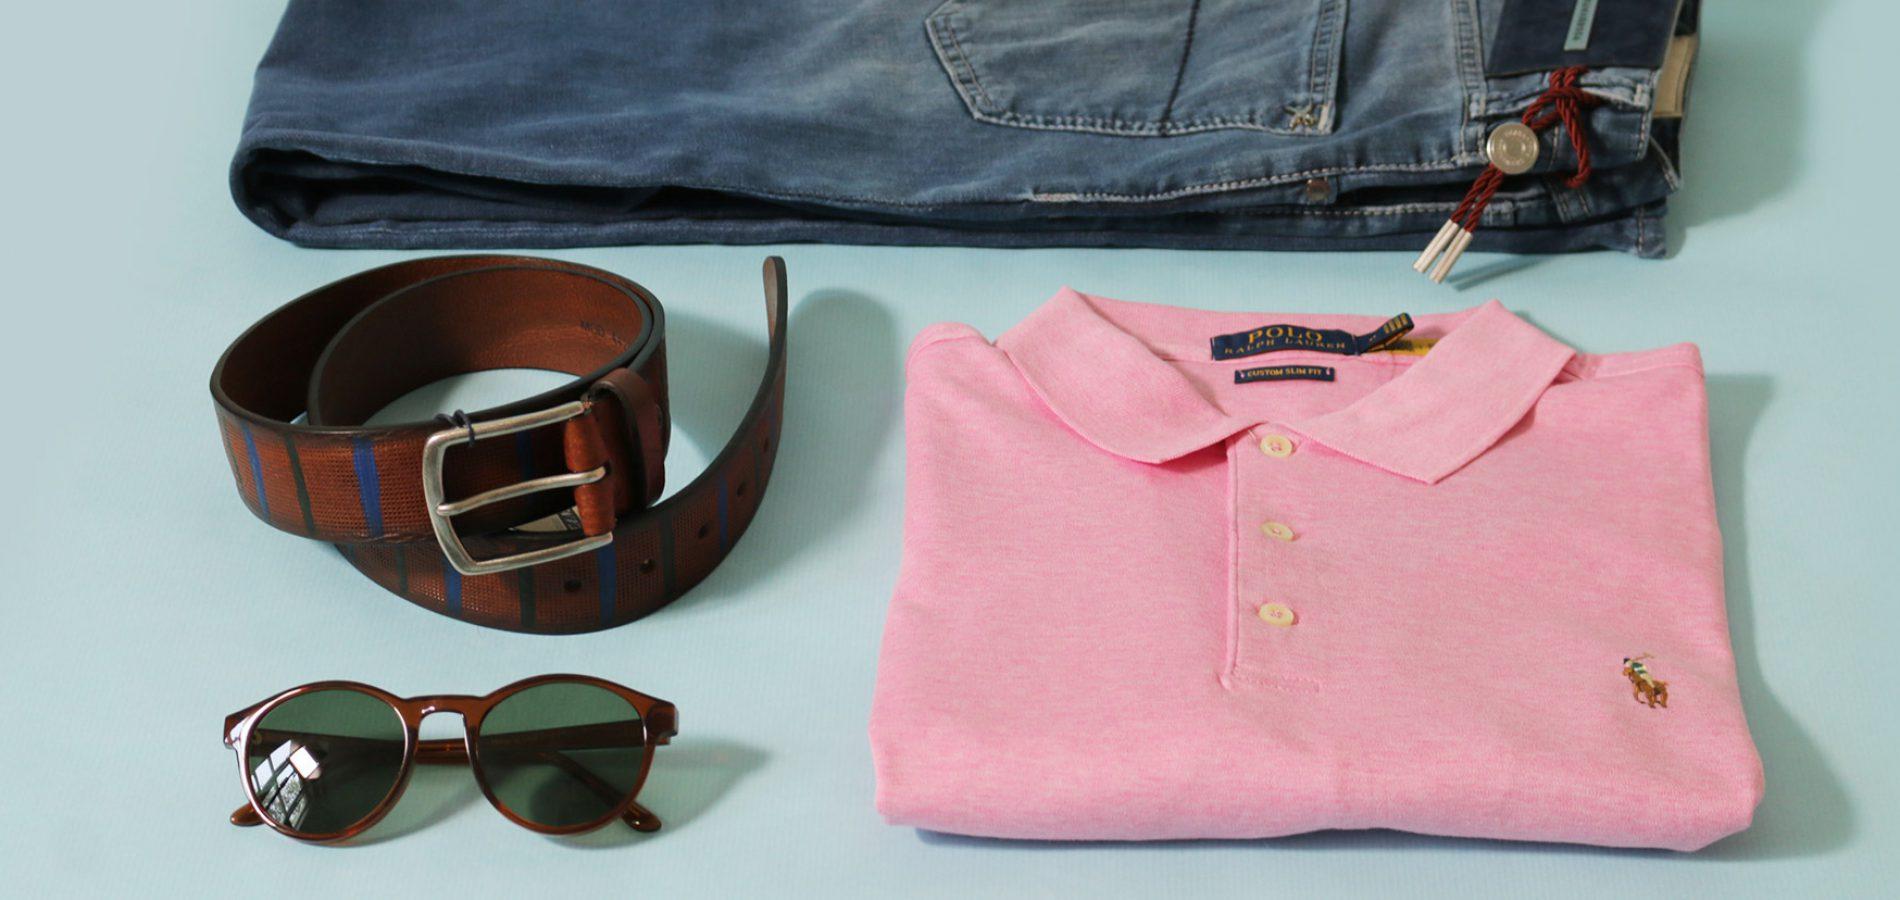 Ralph-Lauren-Polo-shirt-gift-idea 2